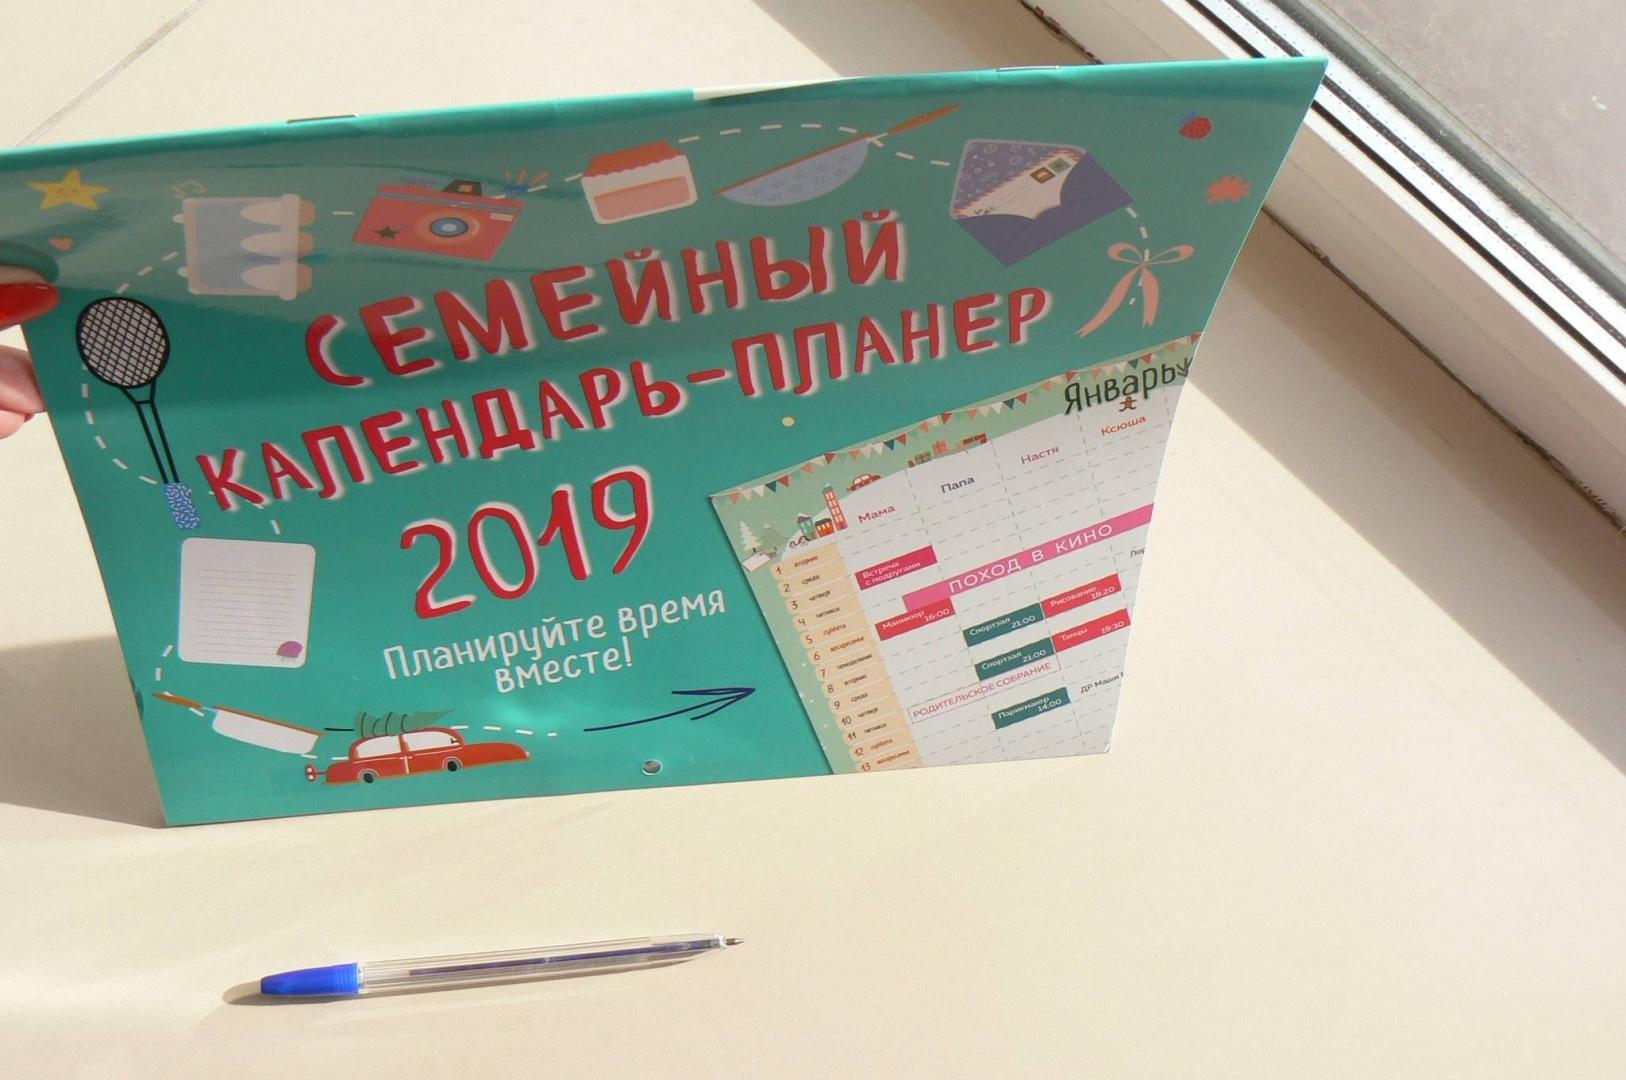 Изготовление семейных календарей-планингов в Москве | фото 1